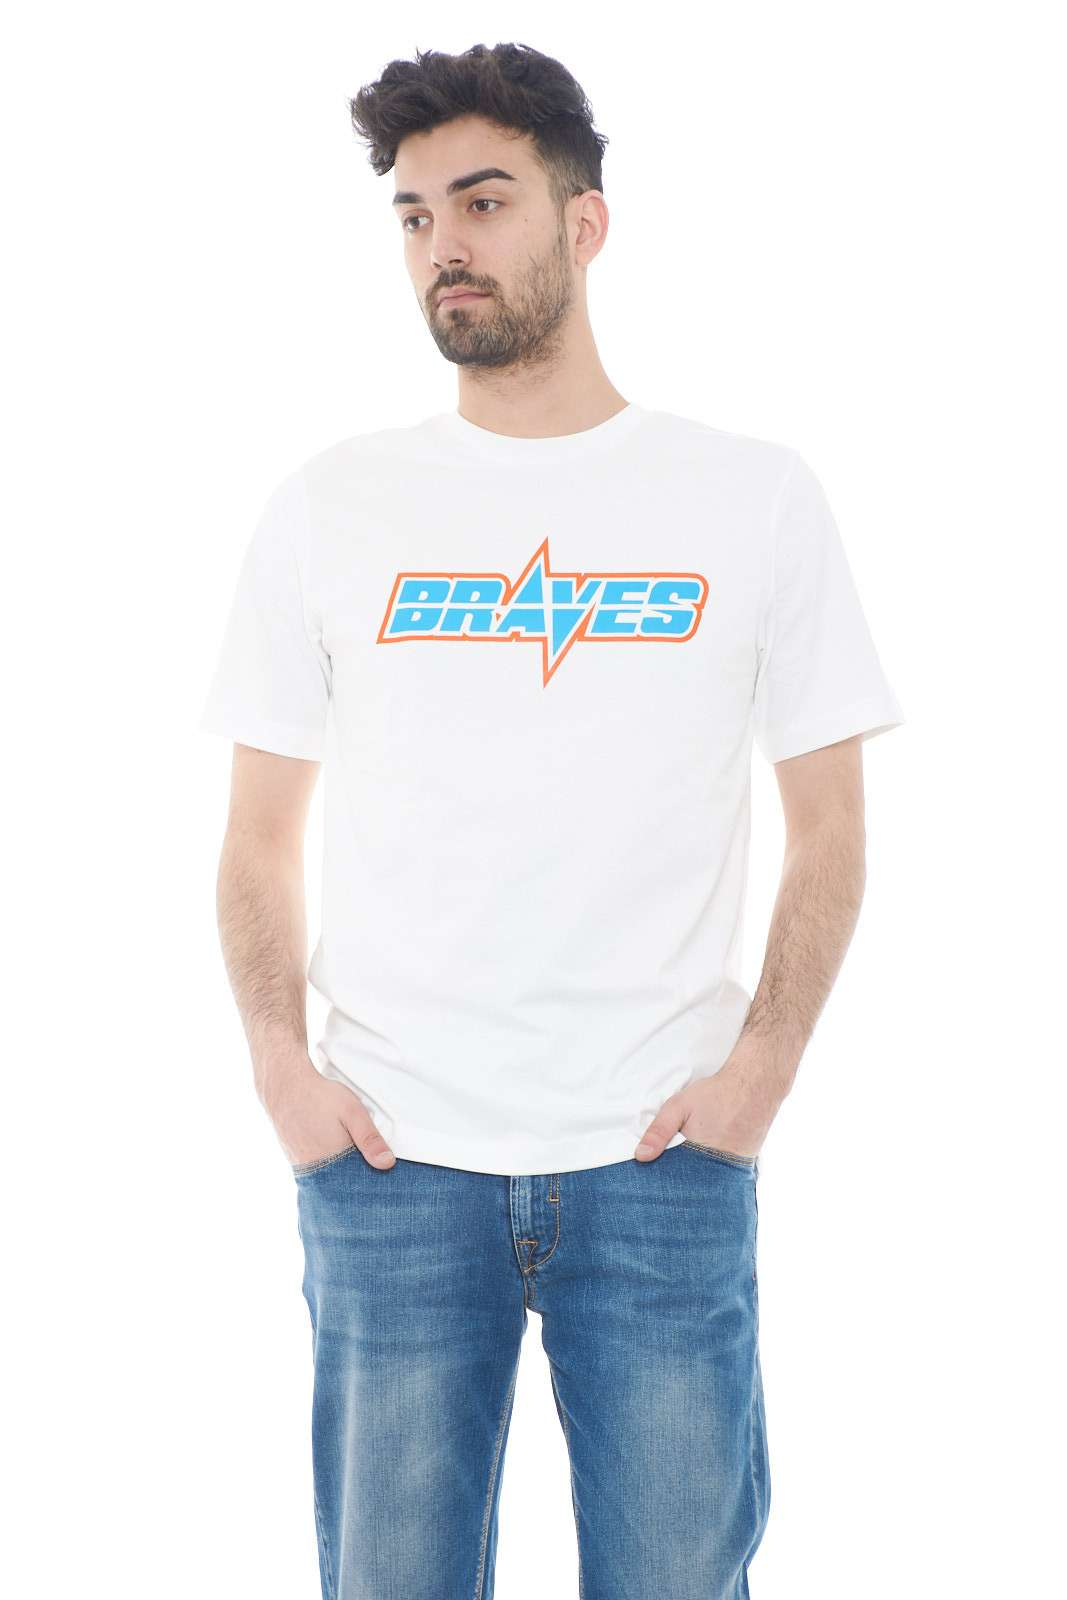 Semplice e curata, la t shirt firmata Diesel. Perfetta per i look quotidiani dove la semplicità è al primo posto. Abbinata ad un jeans o un bermuda è un must have.